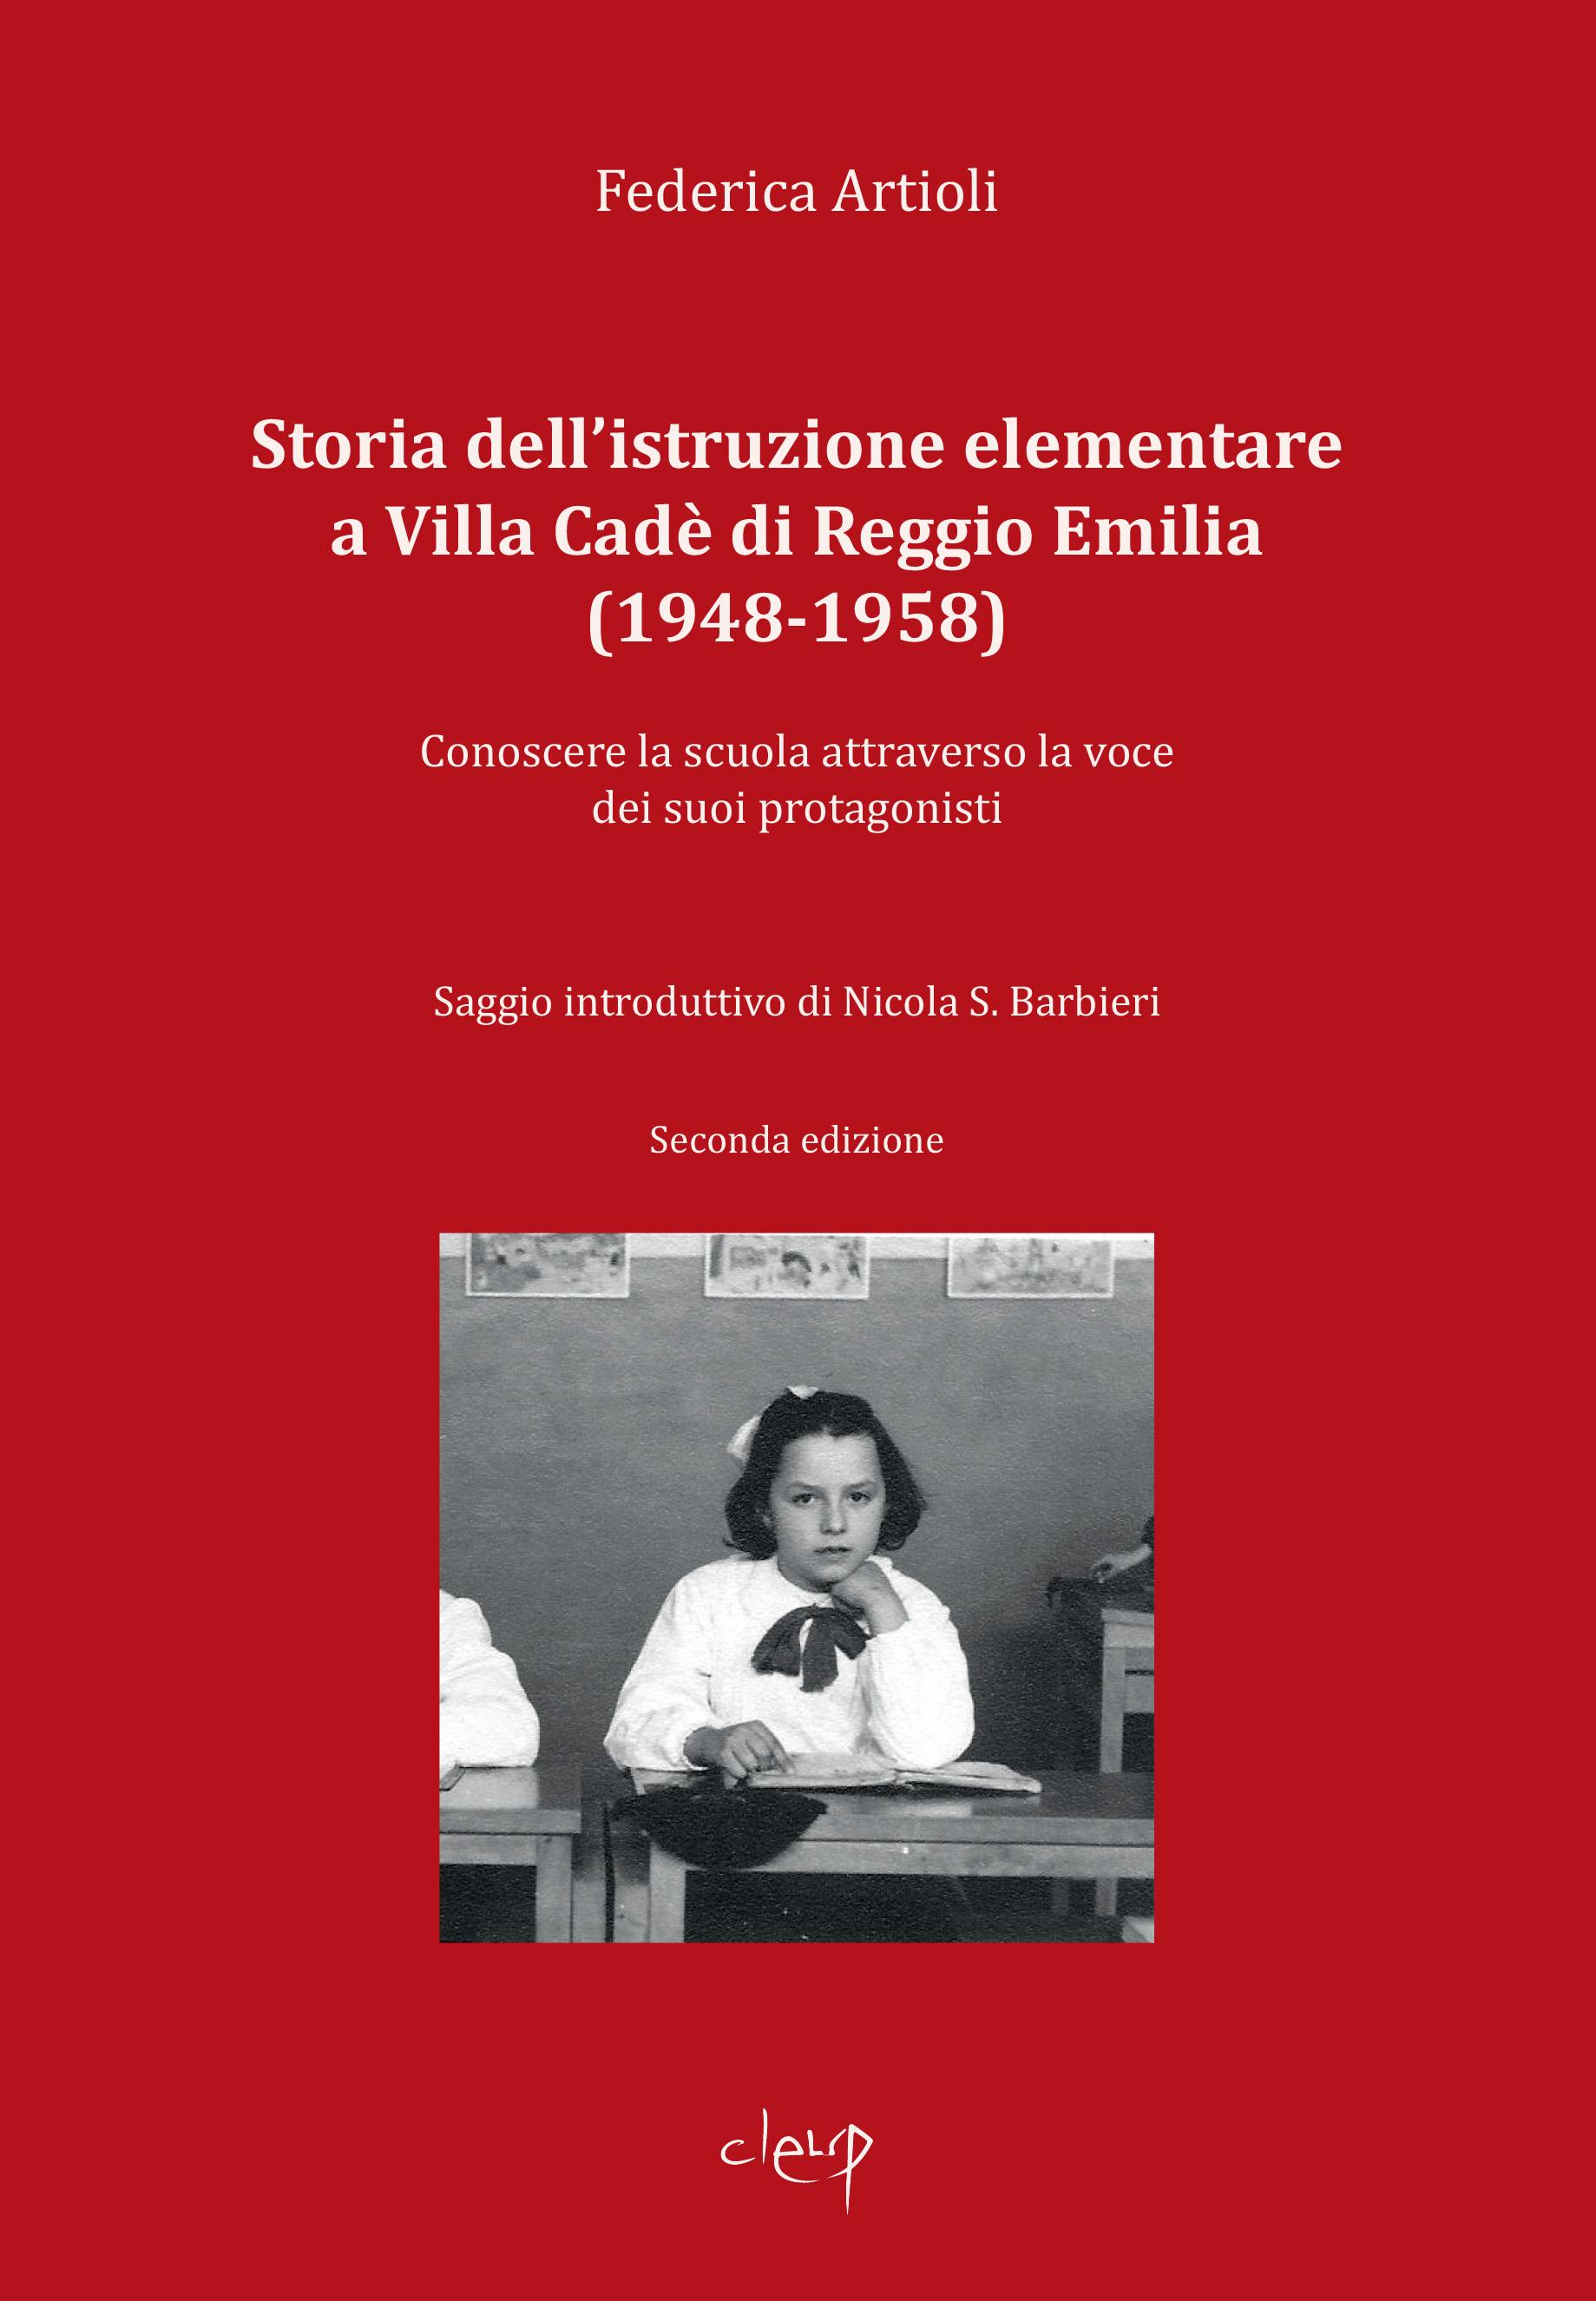 Storia dell'istruzione elementare a Villa Cadè di Reggio Emilia (1948-1958)